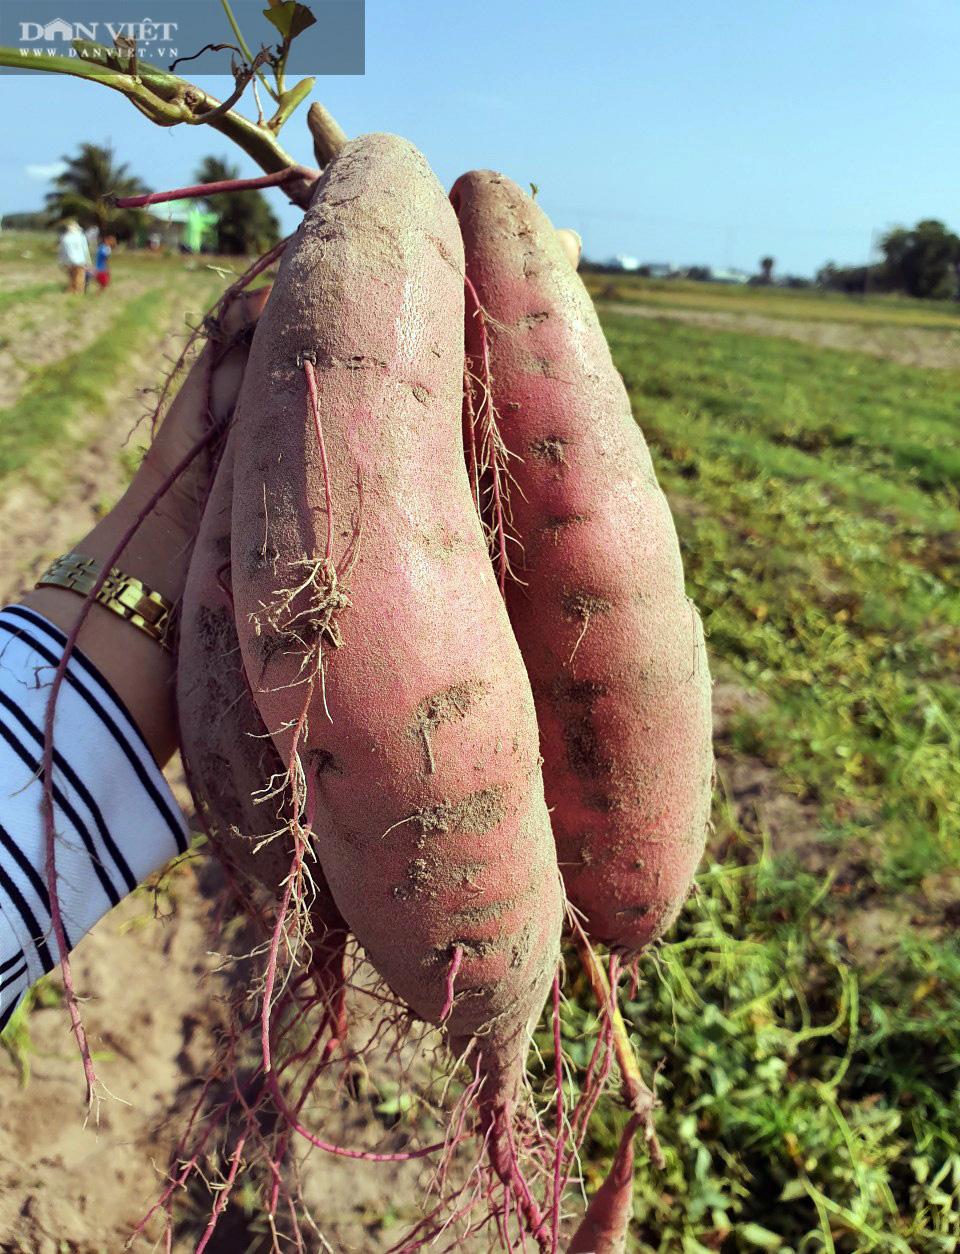 Về xứ thơ cùng xem nông dân trồng đặc sản khoai lang Mỹ Đức theo kiểu trời cho - Ảnh 8.